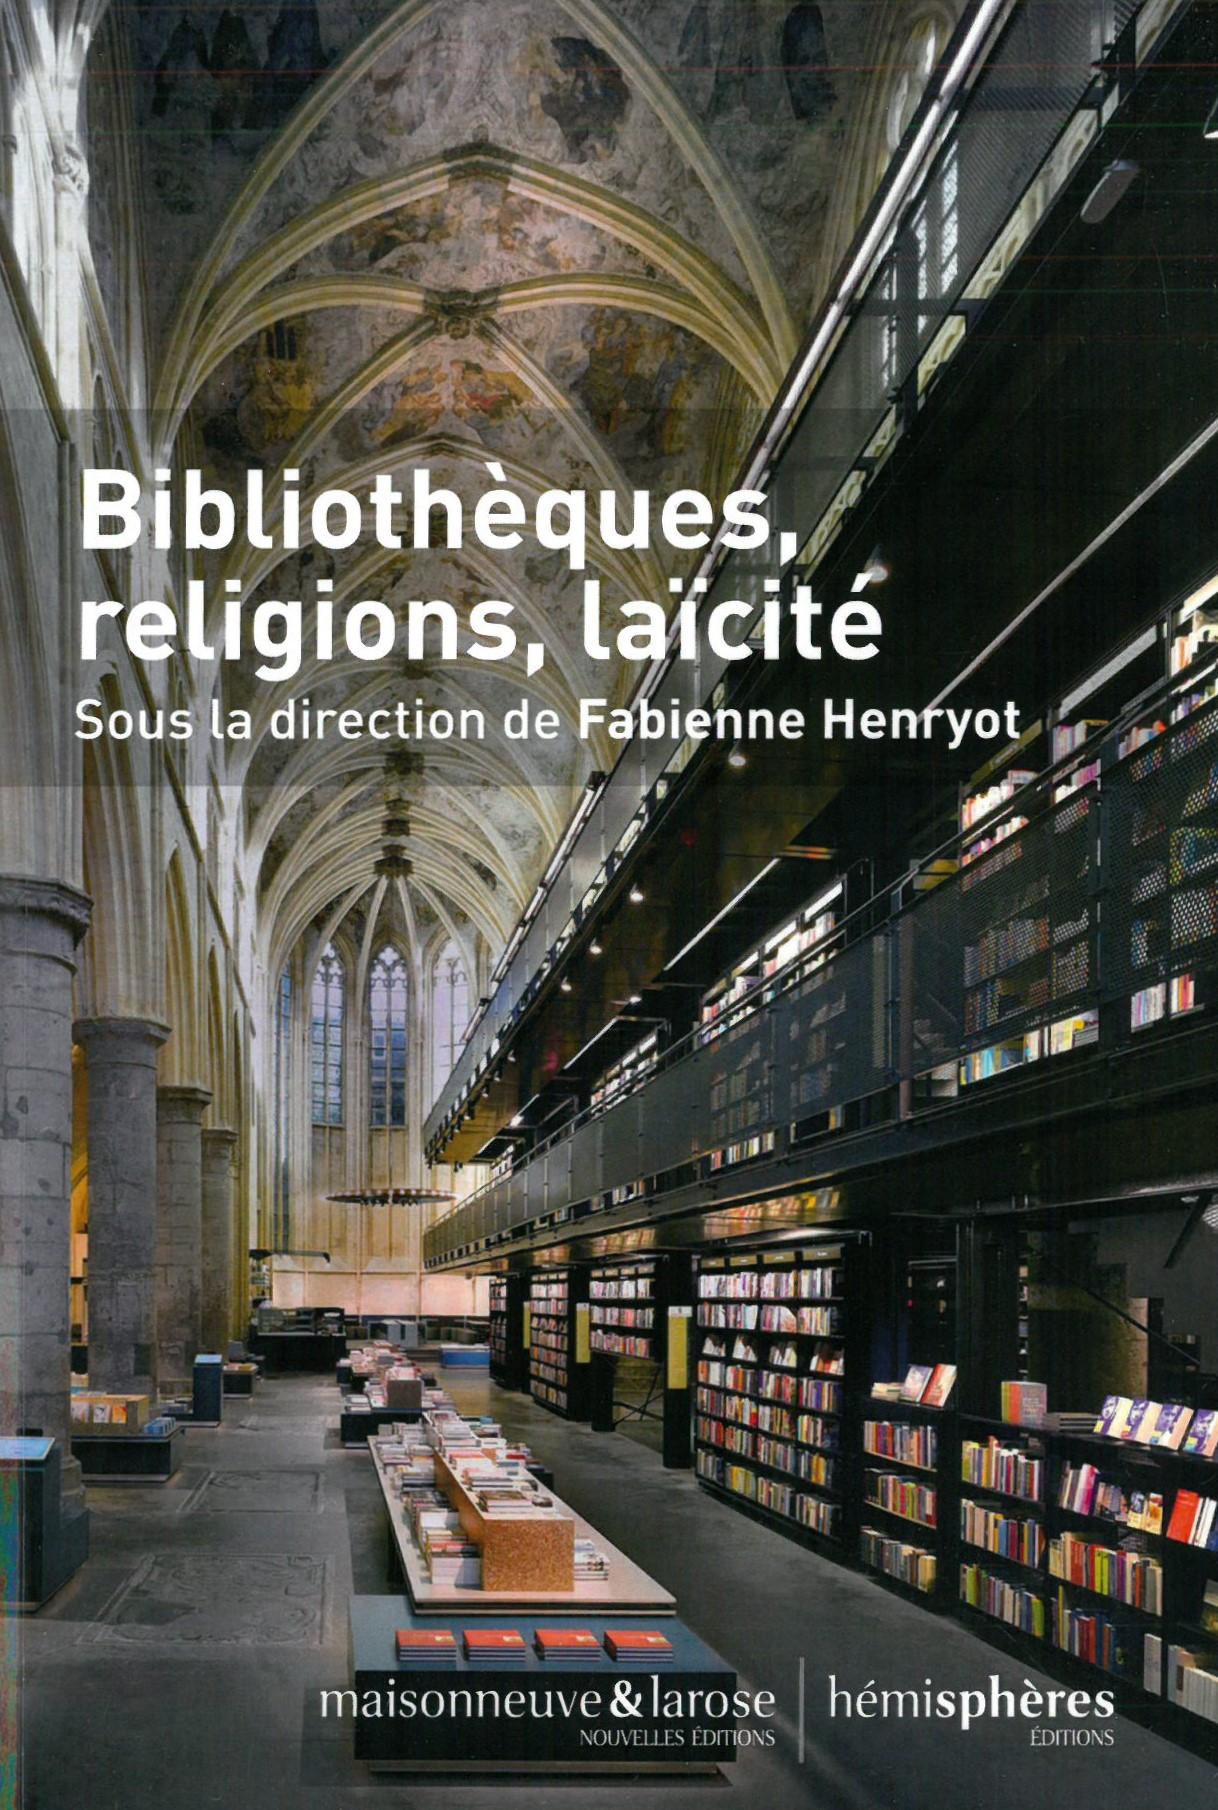 ouvrage collectif sous la direction de Fabienne Henryot